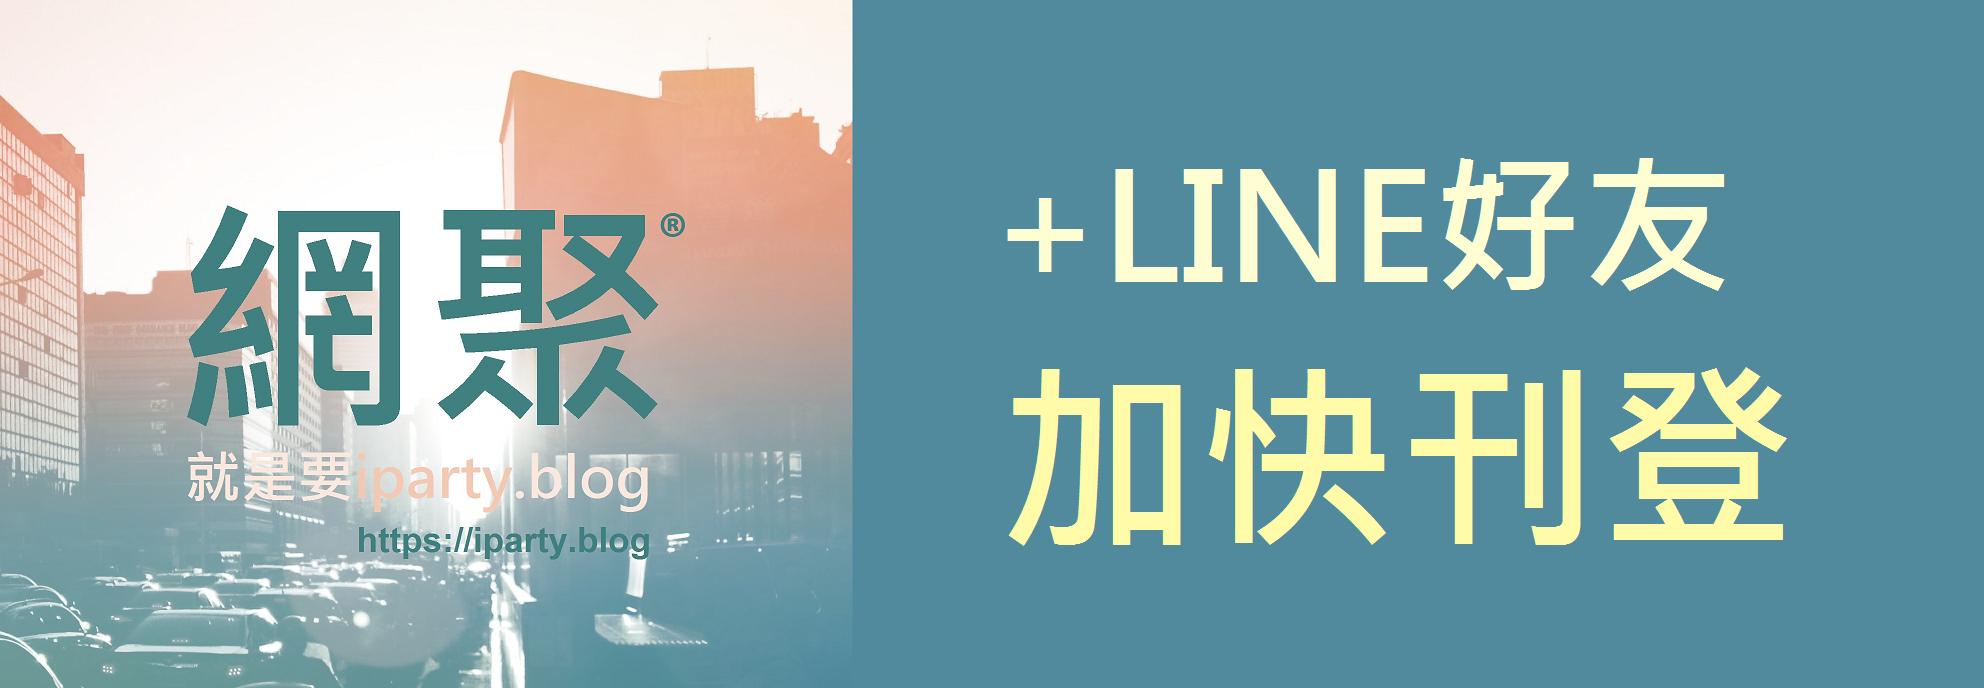 網聚® iparty.blog +LINE好友 - 加快委託刊登